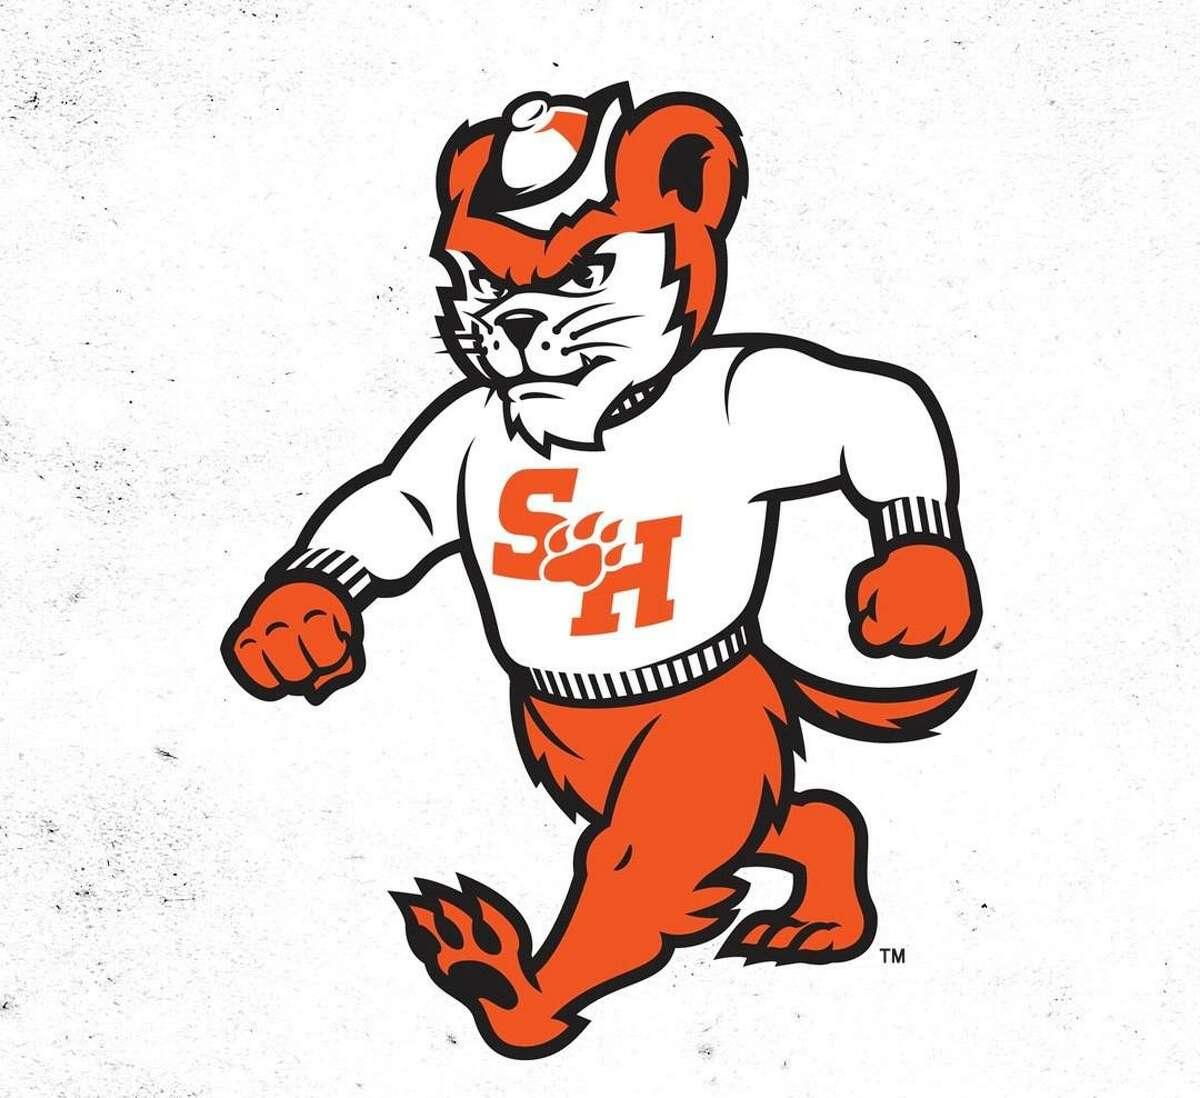 The new Sam Houston State University mascot logo released on Thursday, April 17, 2020.